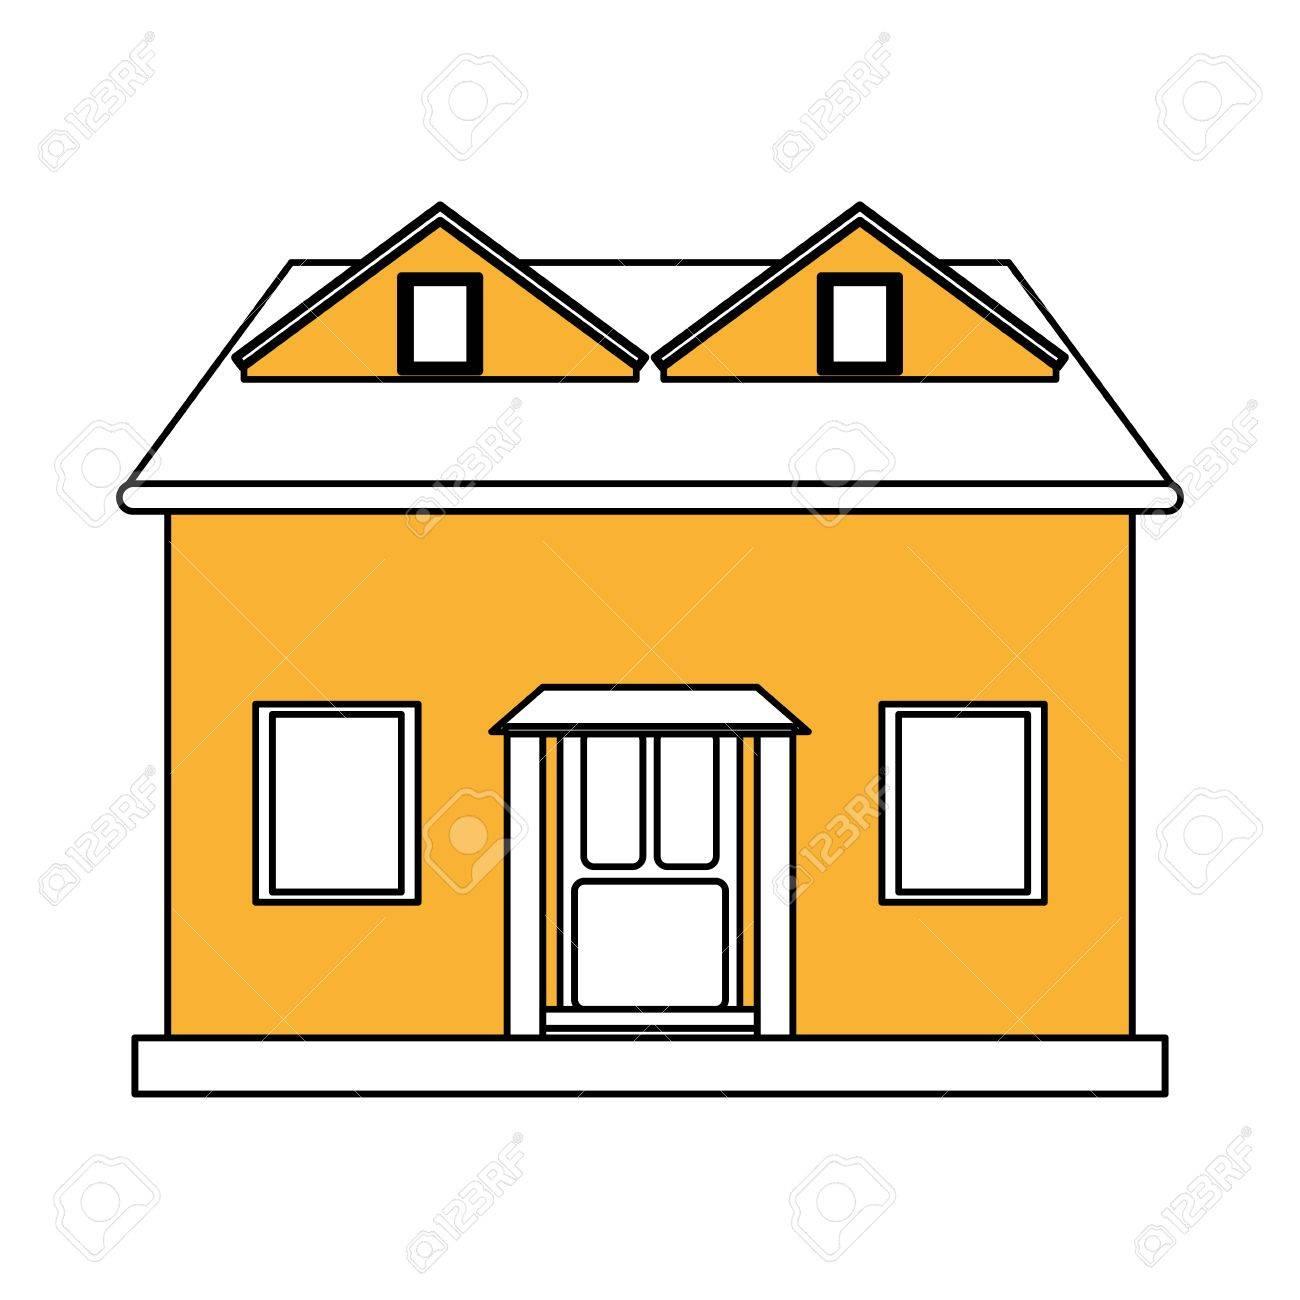 Casa De Fachada De Dibujos Animados De Color Amarillo Con Ilustración De Vector De ático